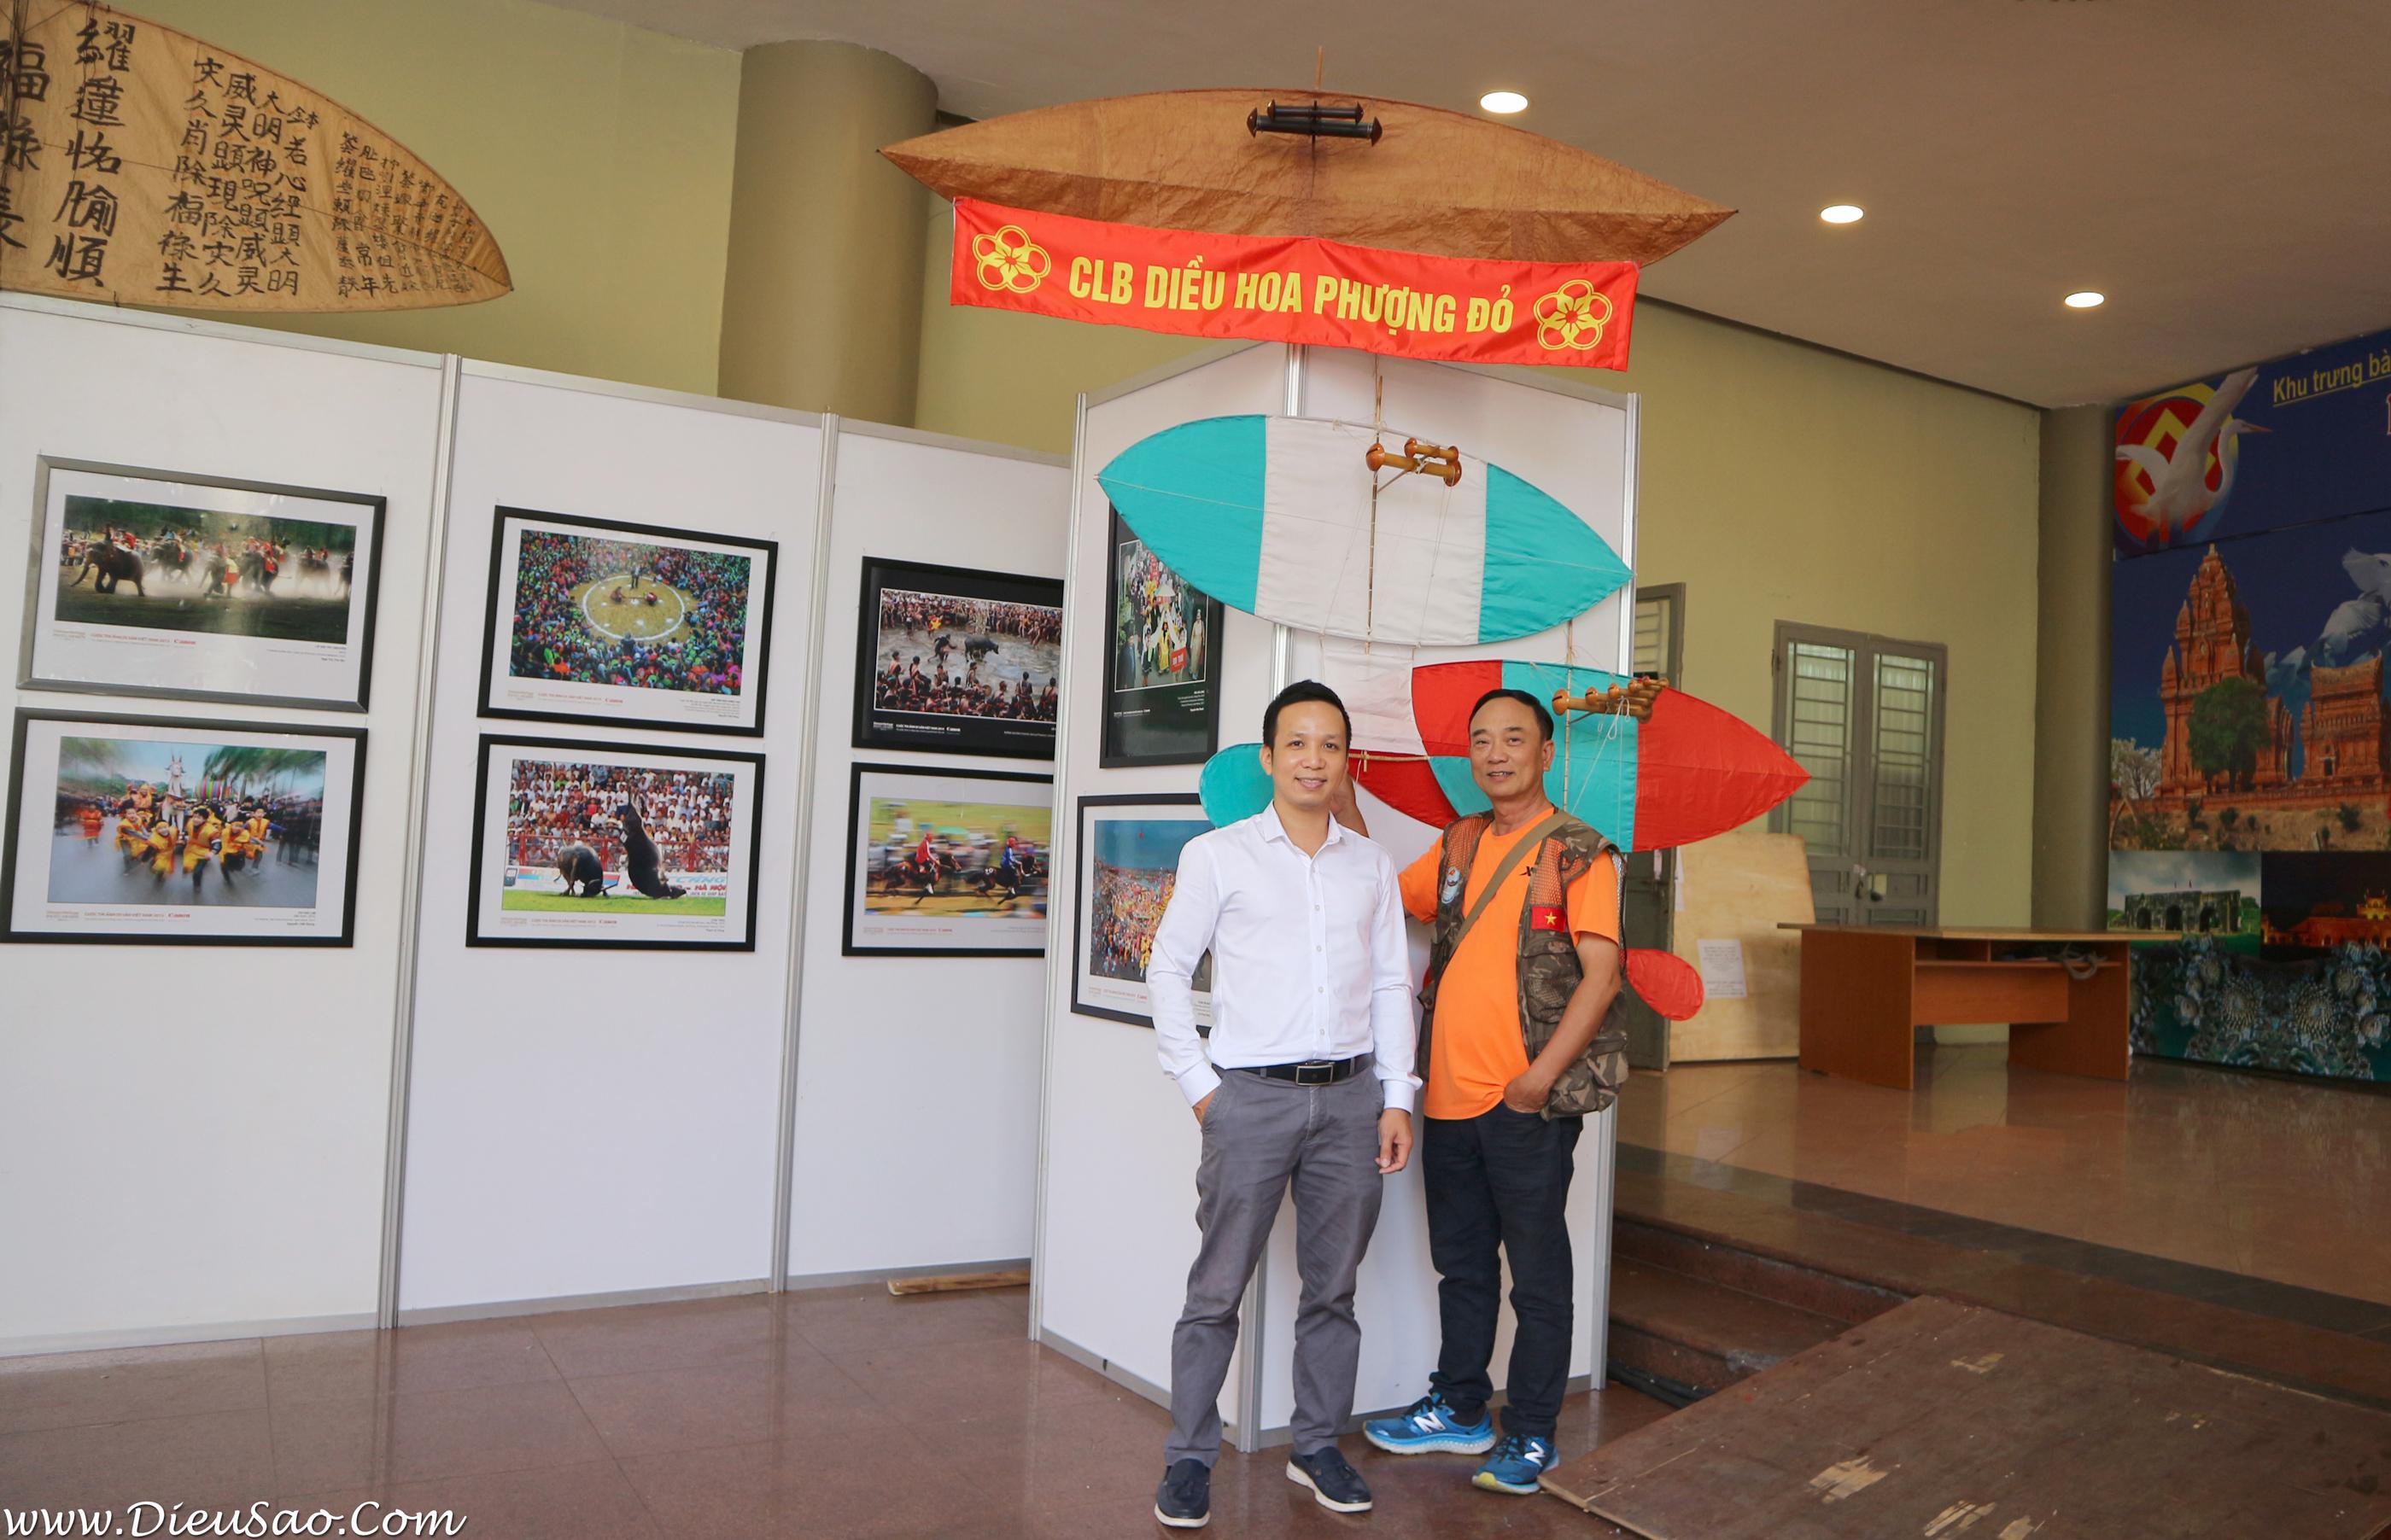 Hoang Phu va Hoang Van Diep tai Trien lam Canh dieu Di san